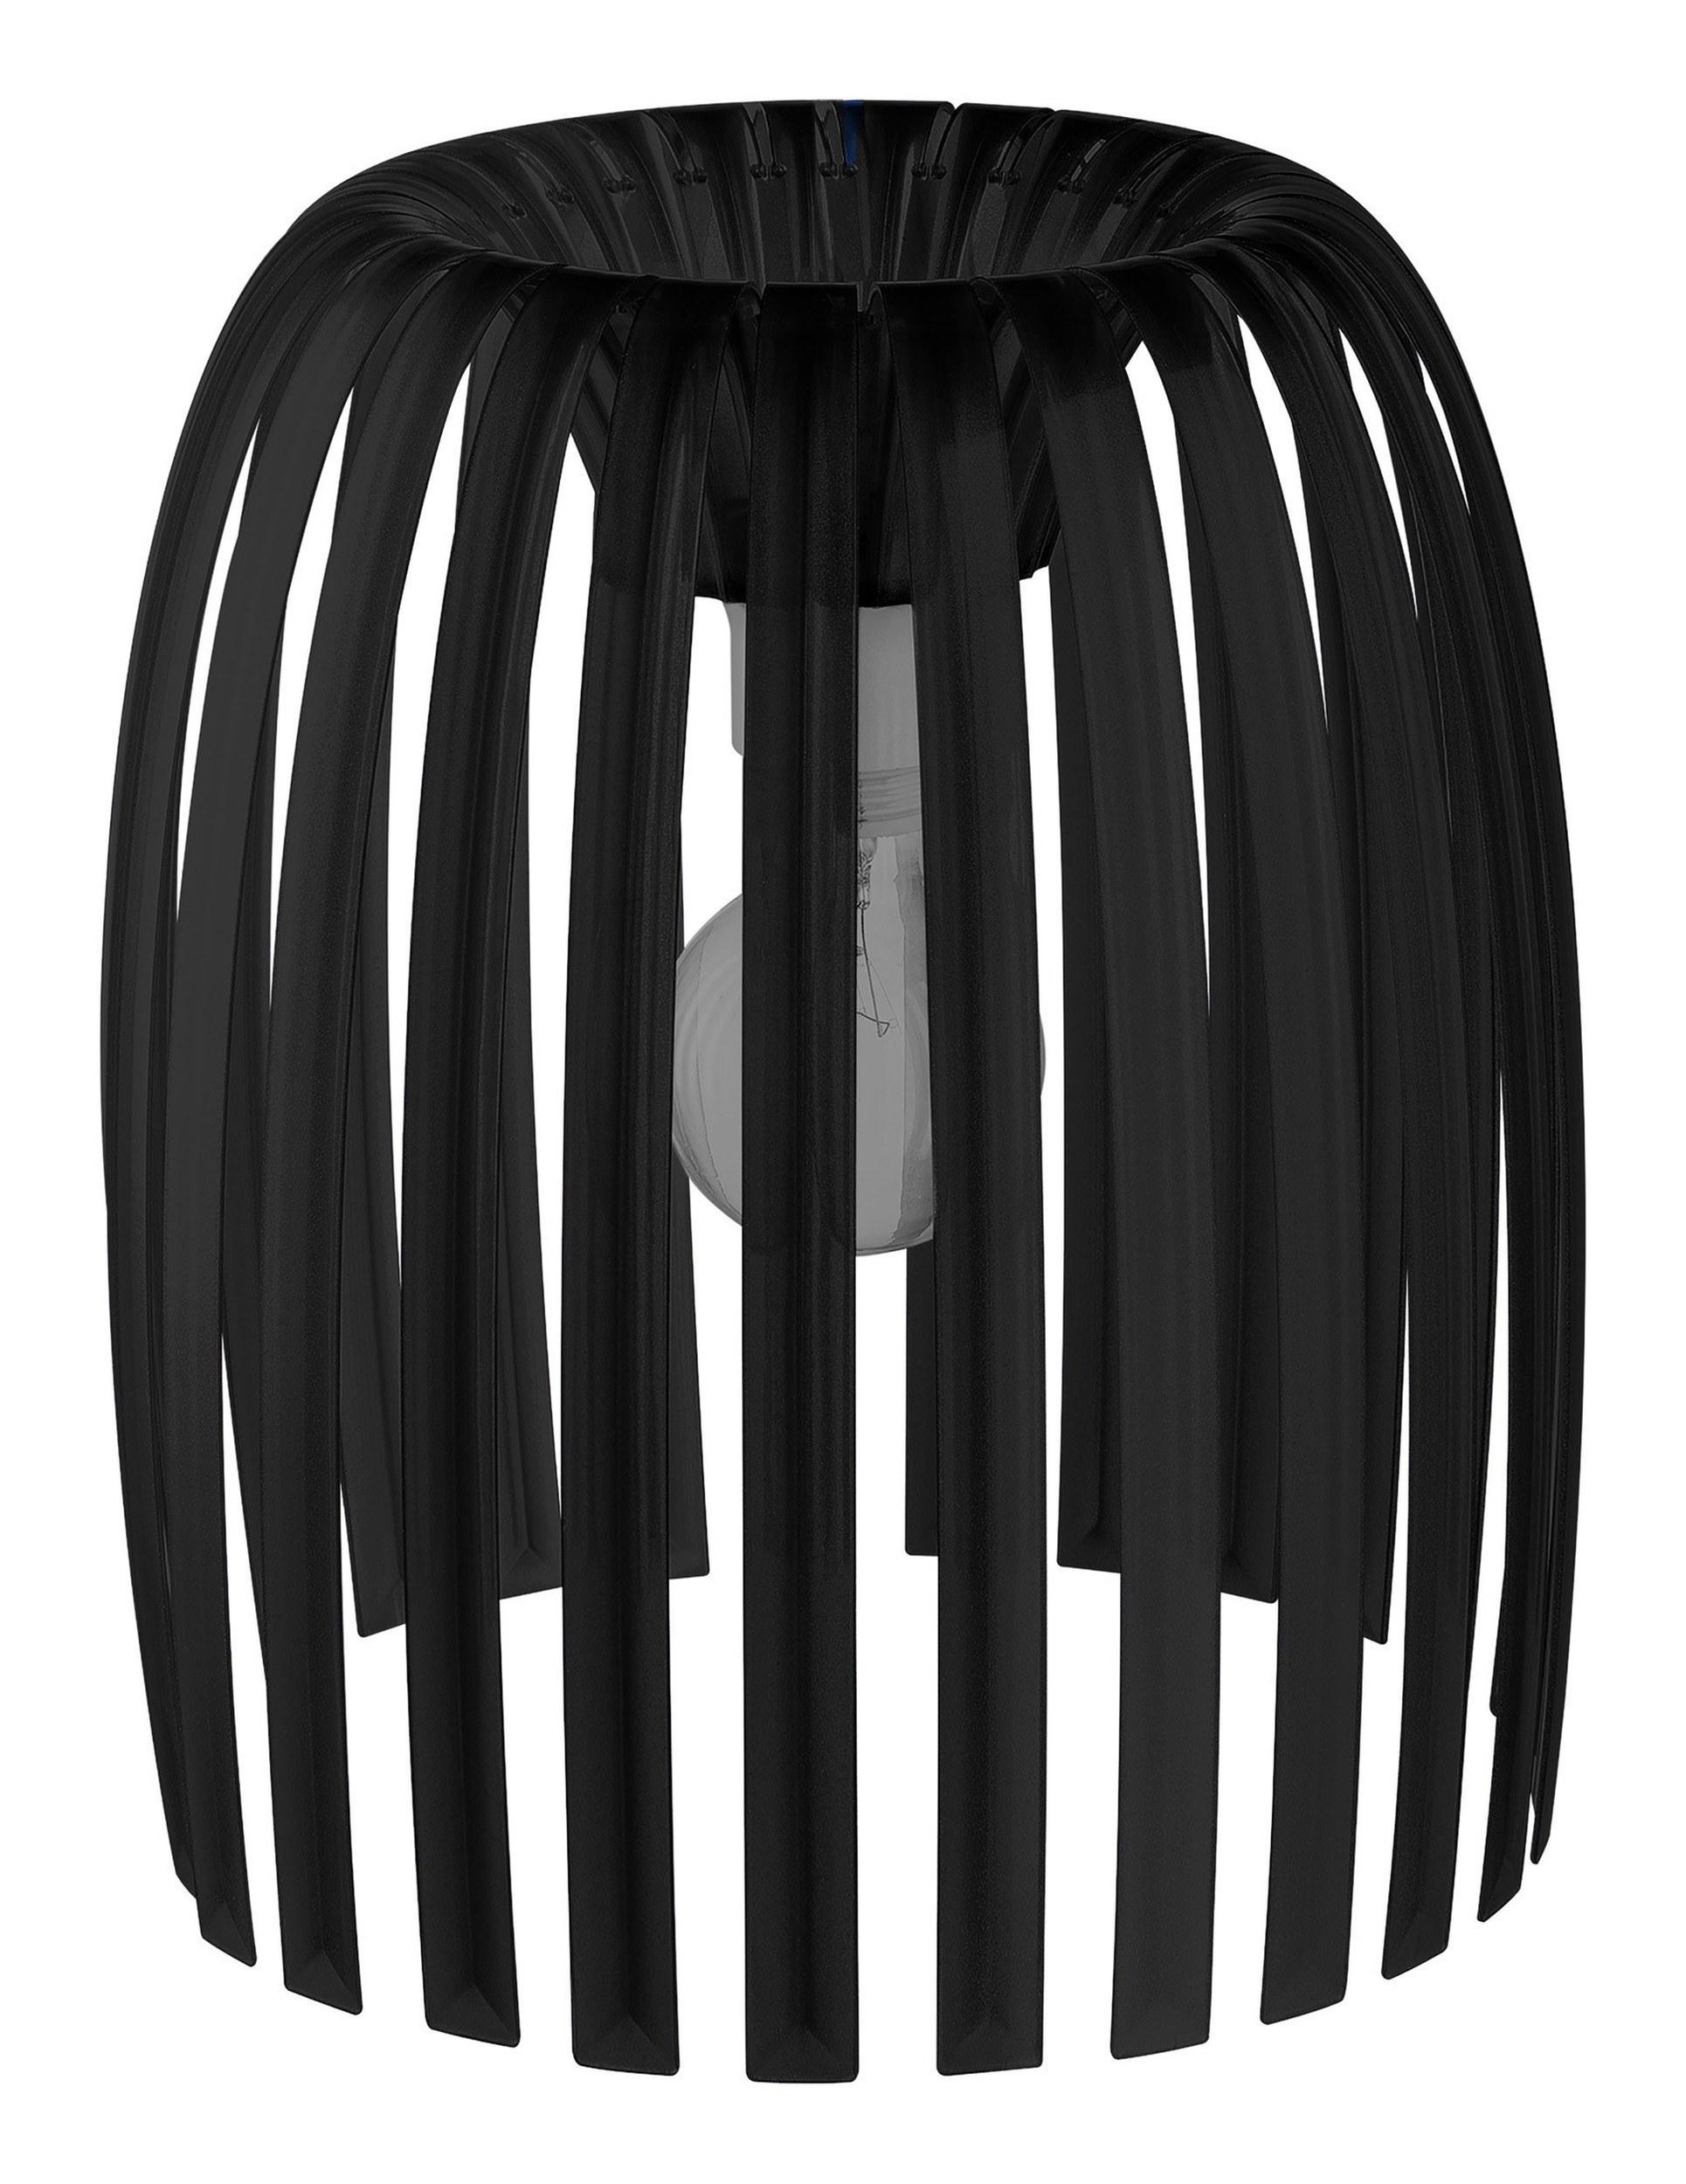 Lampa Josephine M 2.0 nieprzezroczysta czarna